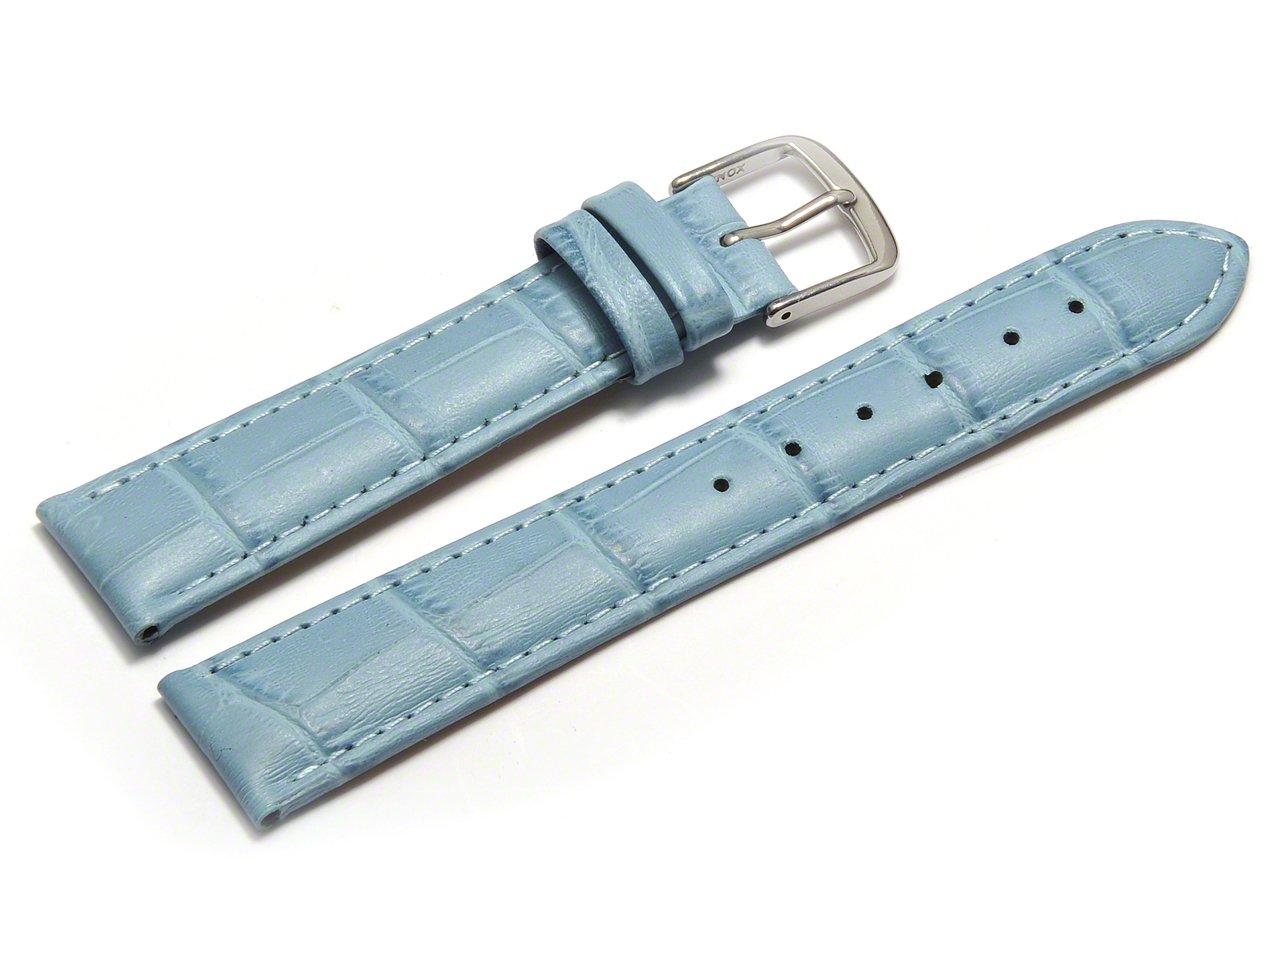 Uhrenarmband-Orig-Watchband-Berlin-Kroko-Prgung-hellblau-16mm